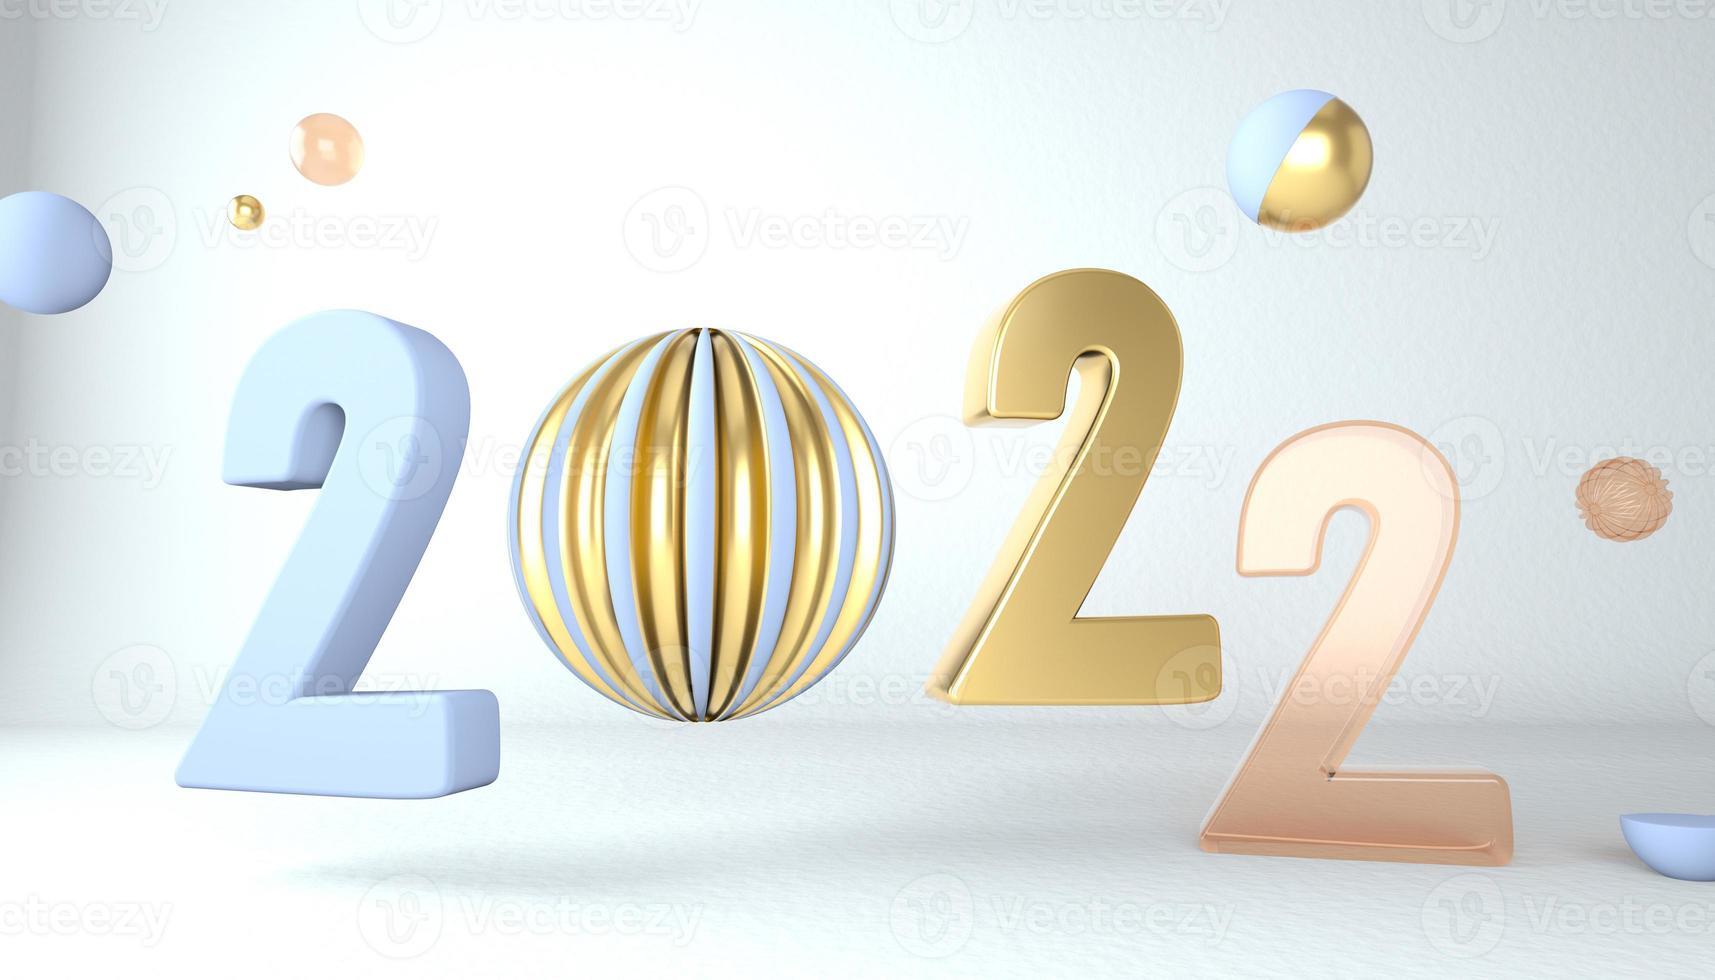 Frohes neues Jahr 2022. 3D-Zahlen mit geometrischen Formen und Weihnachtskugel. 3D-Rendering. foto